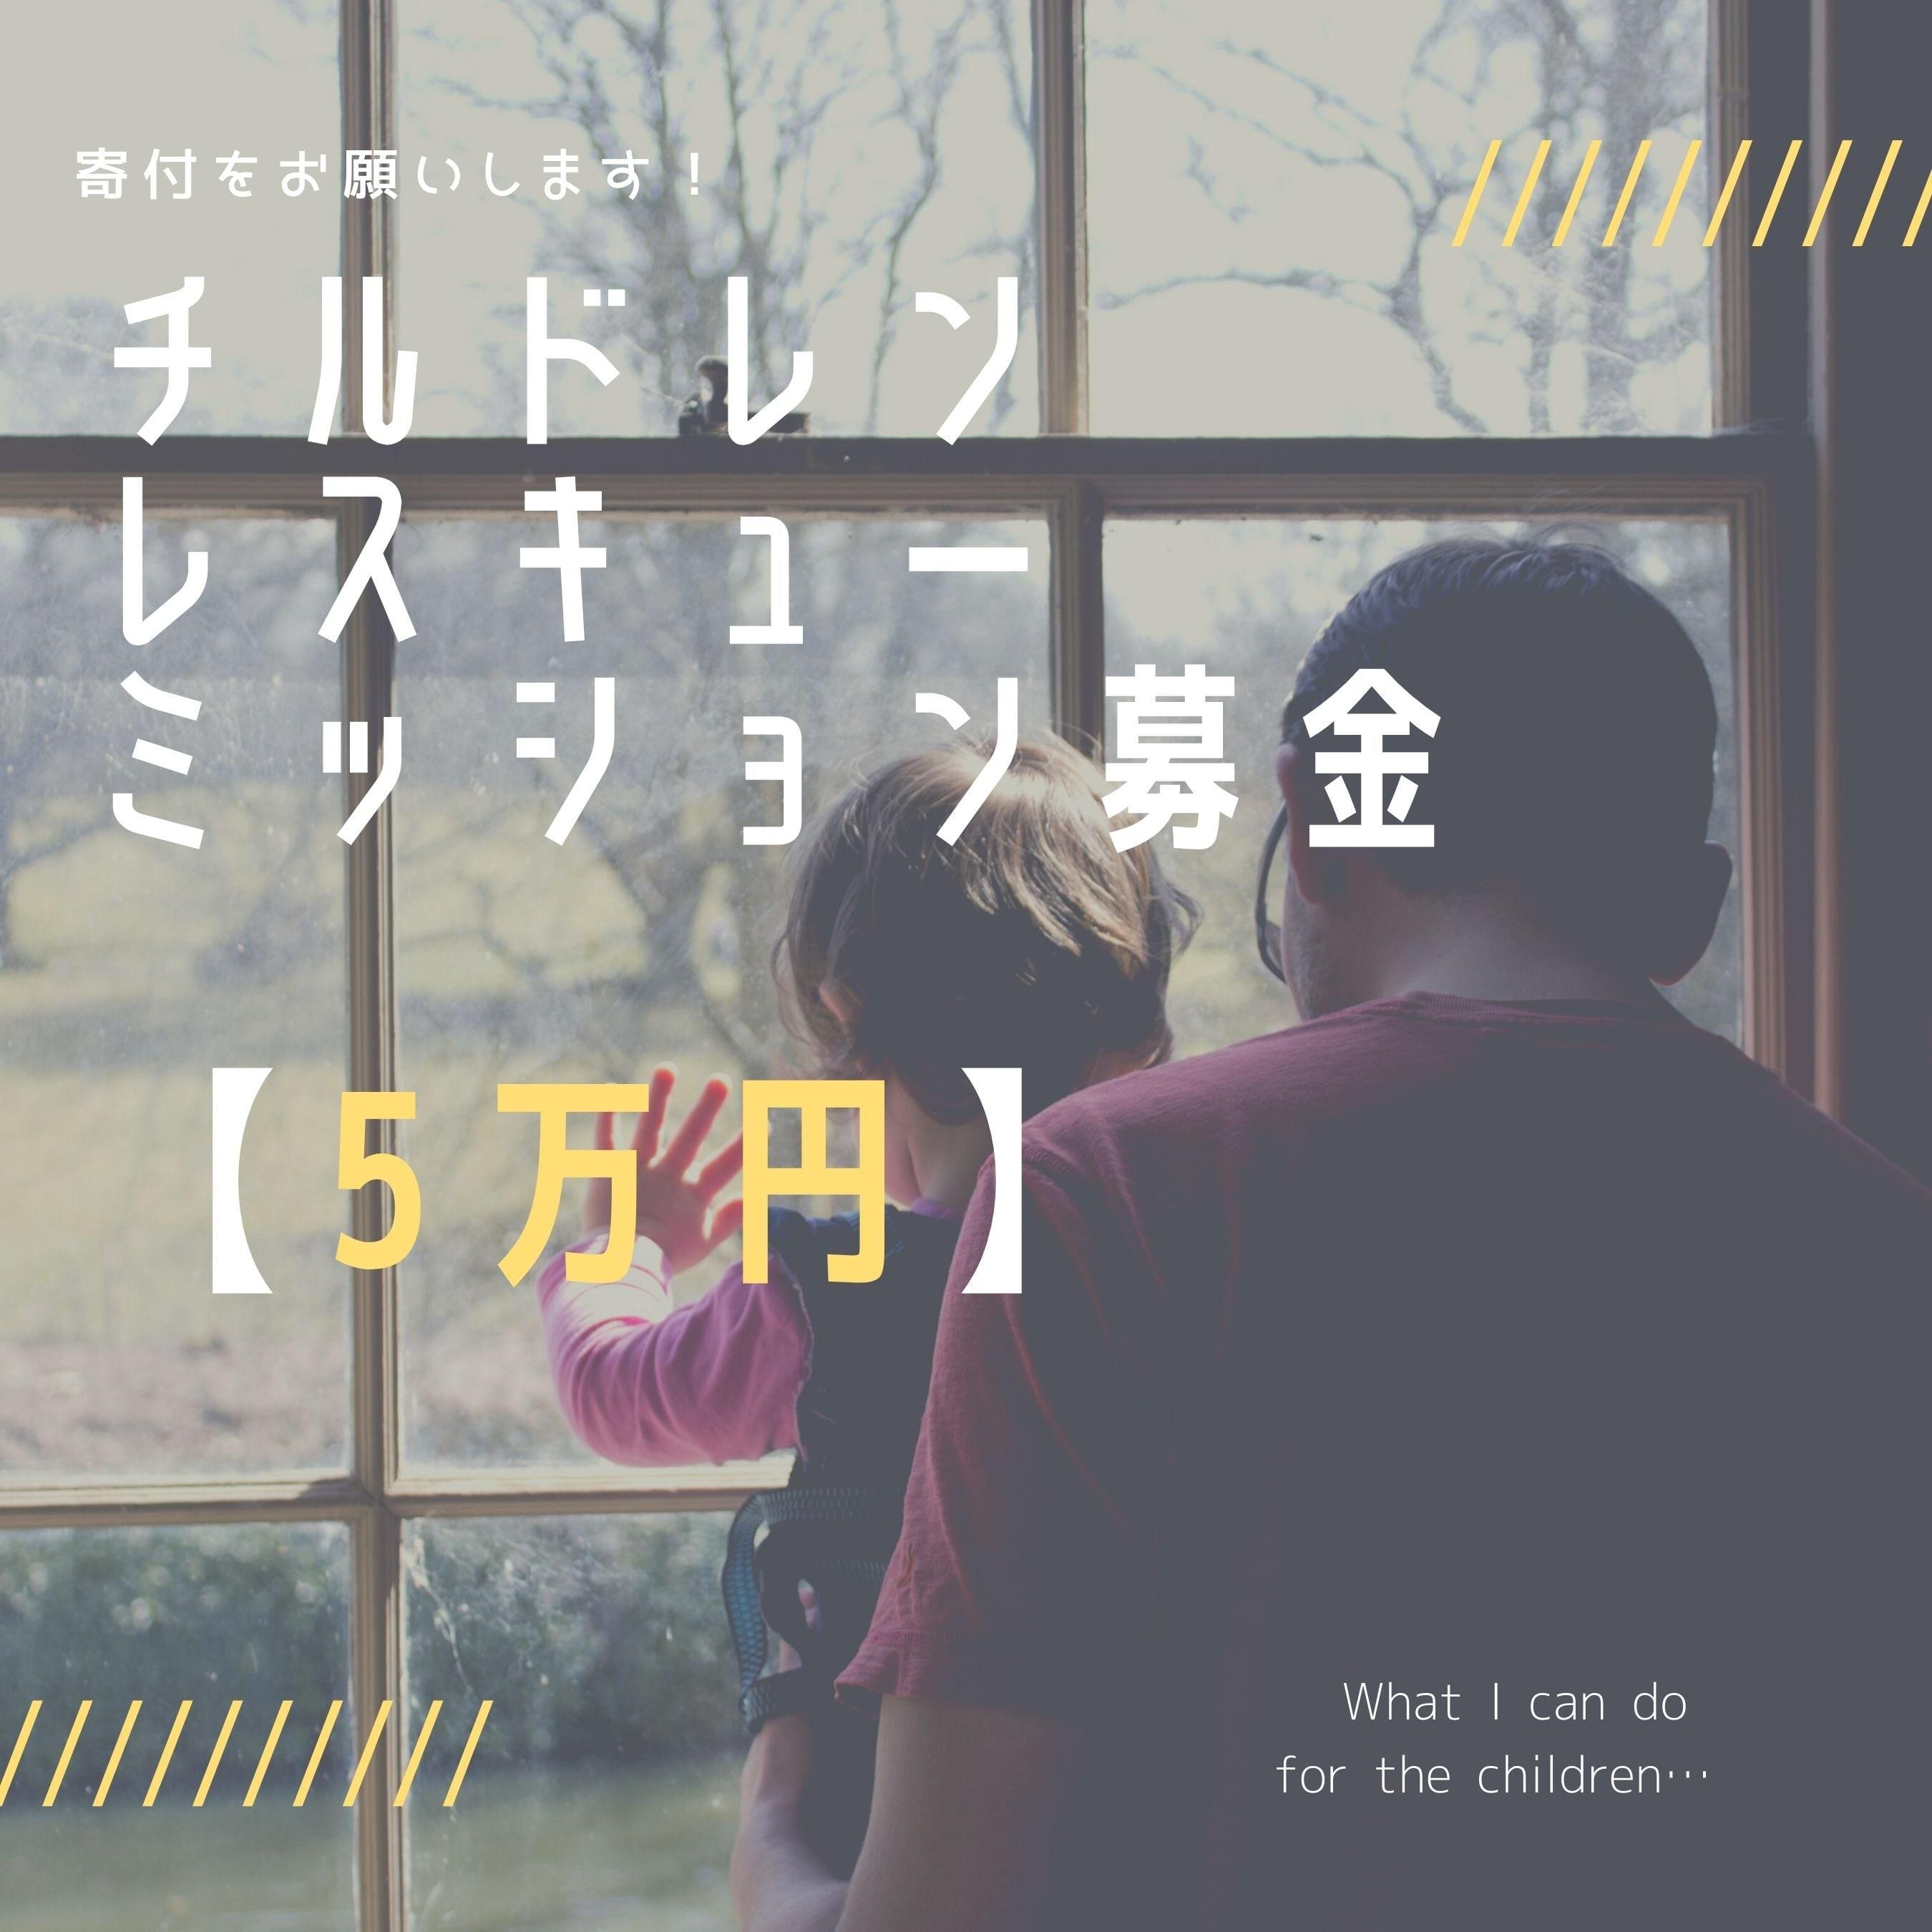 【5万円】チルドレンレスキューミッション(改装工事のための寄付チケット)のイメージその1